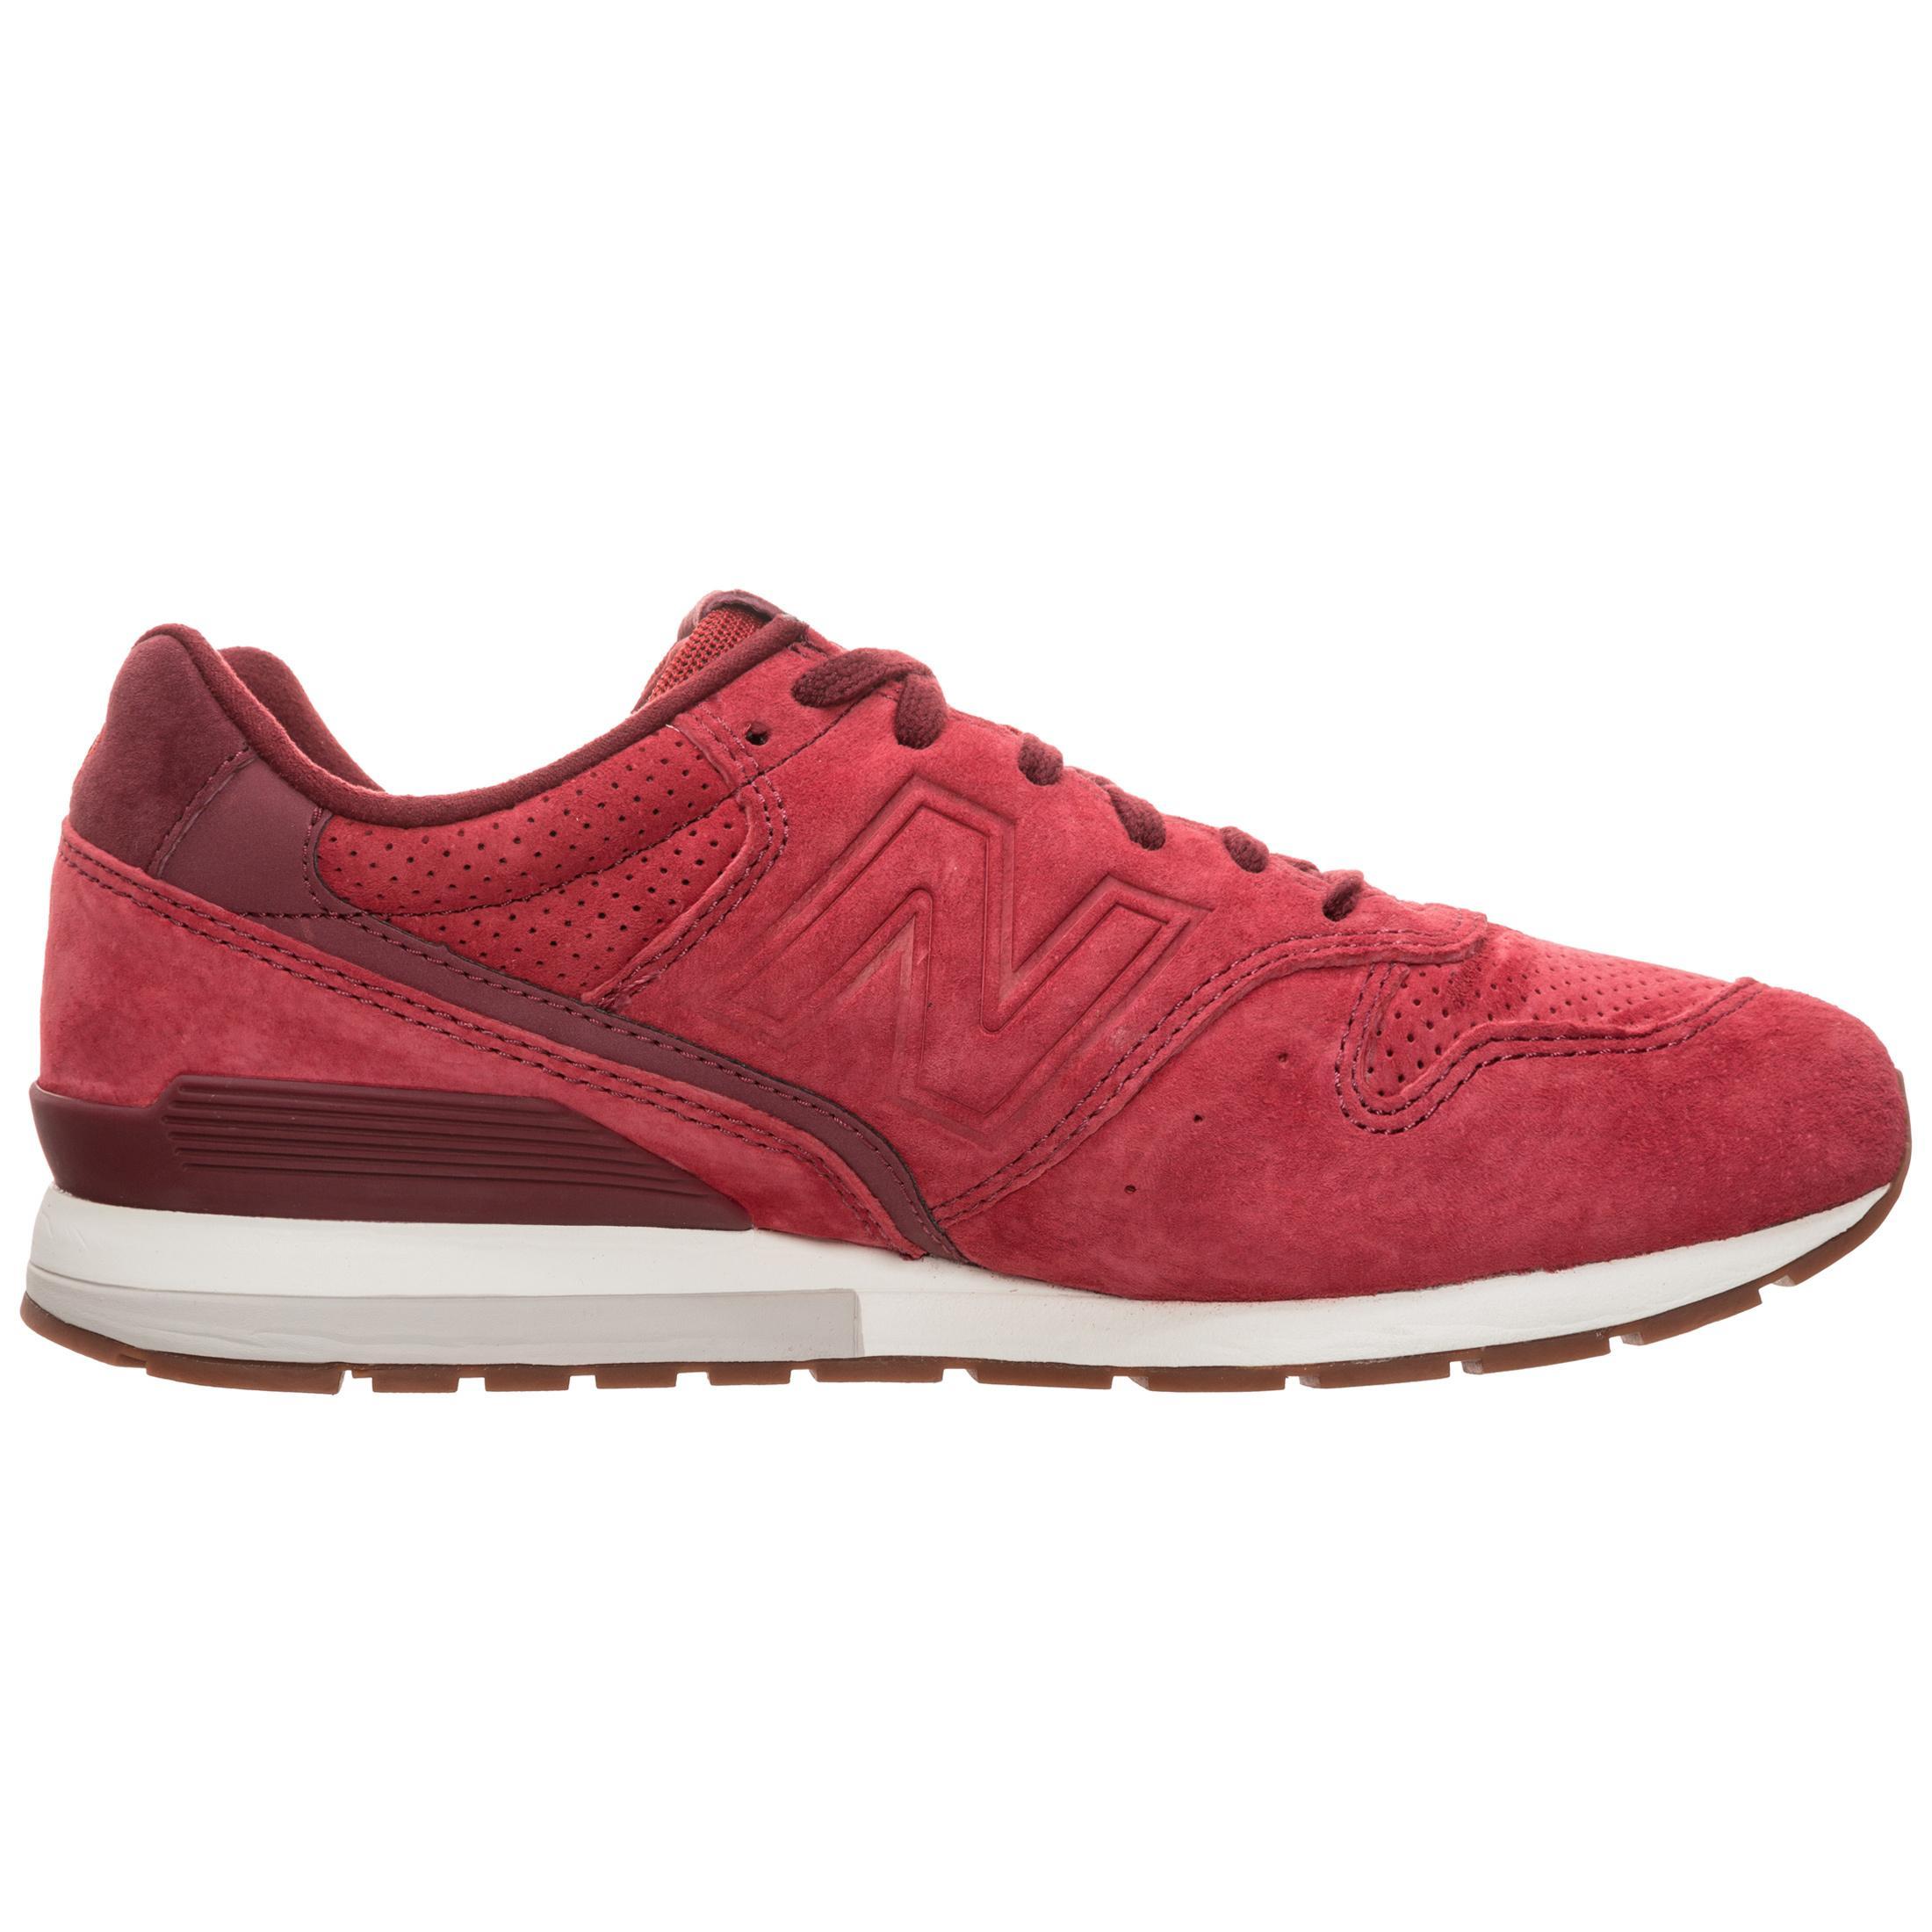 NEW BALANCE MRL996-LO-D Sneaker Herren rot im Online Online Online Shop von SportScheck kaufen Gute Qualität beliebte Schuhe 5c3035